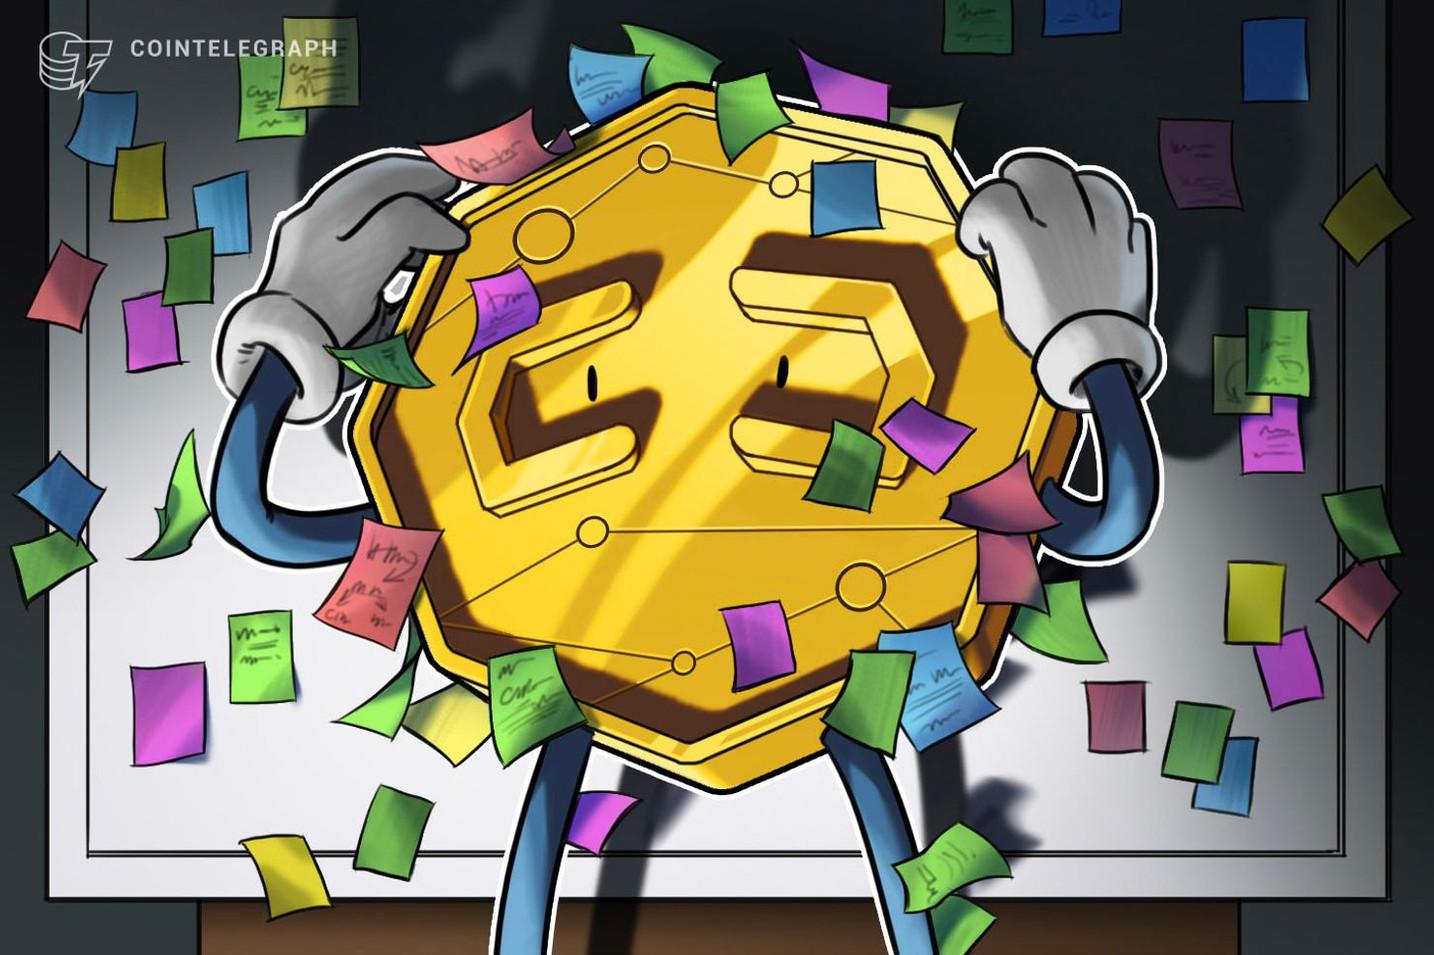 EUの新マネロン規制のため仮想通貨企業が事業停止へ、英ビットコイン決済企業ボトルペイ【ニュース】